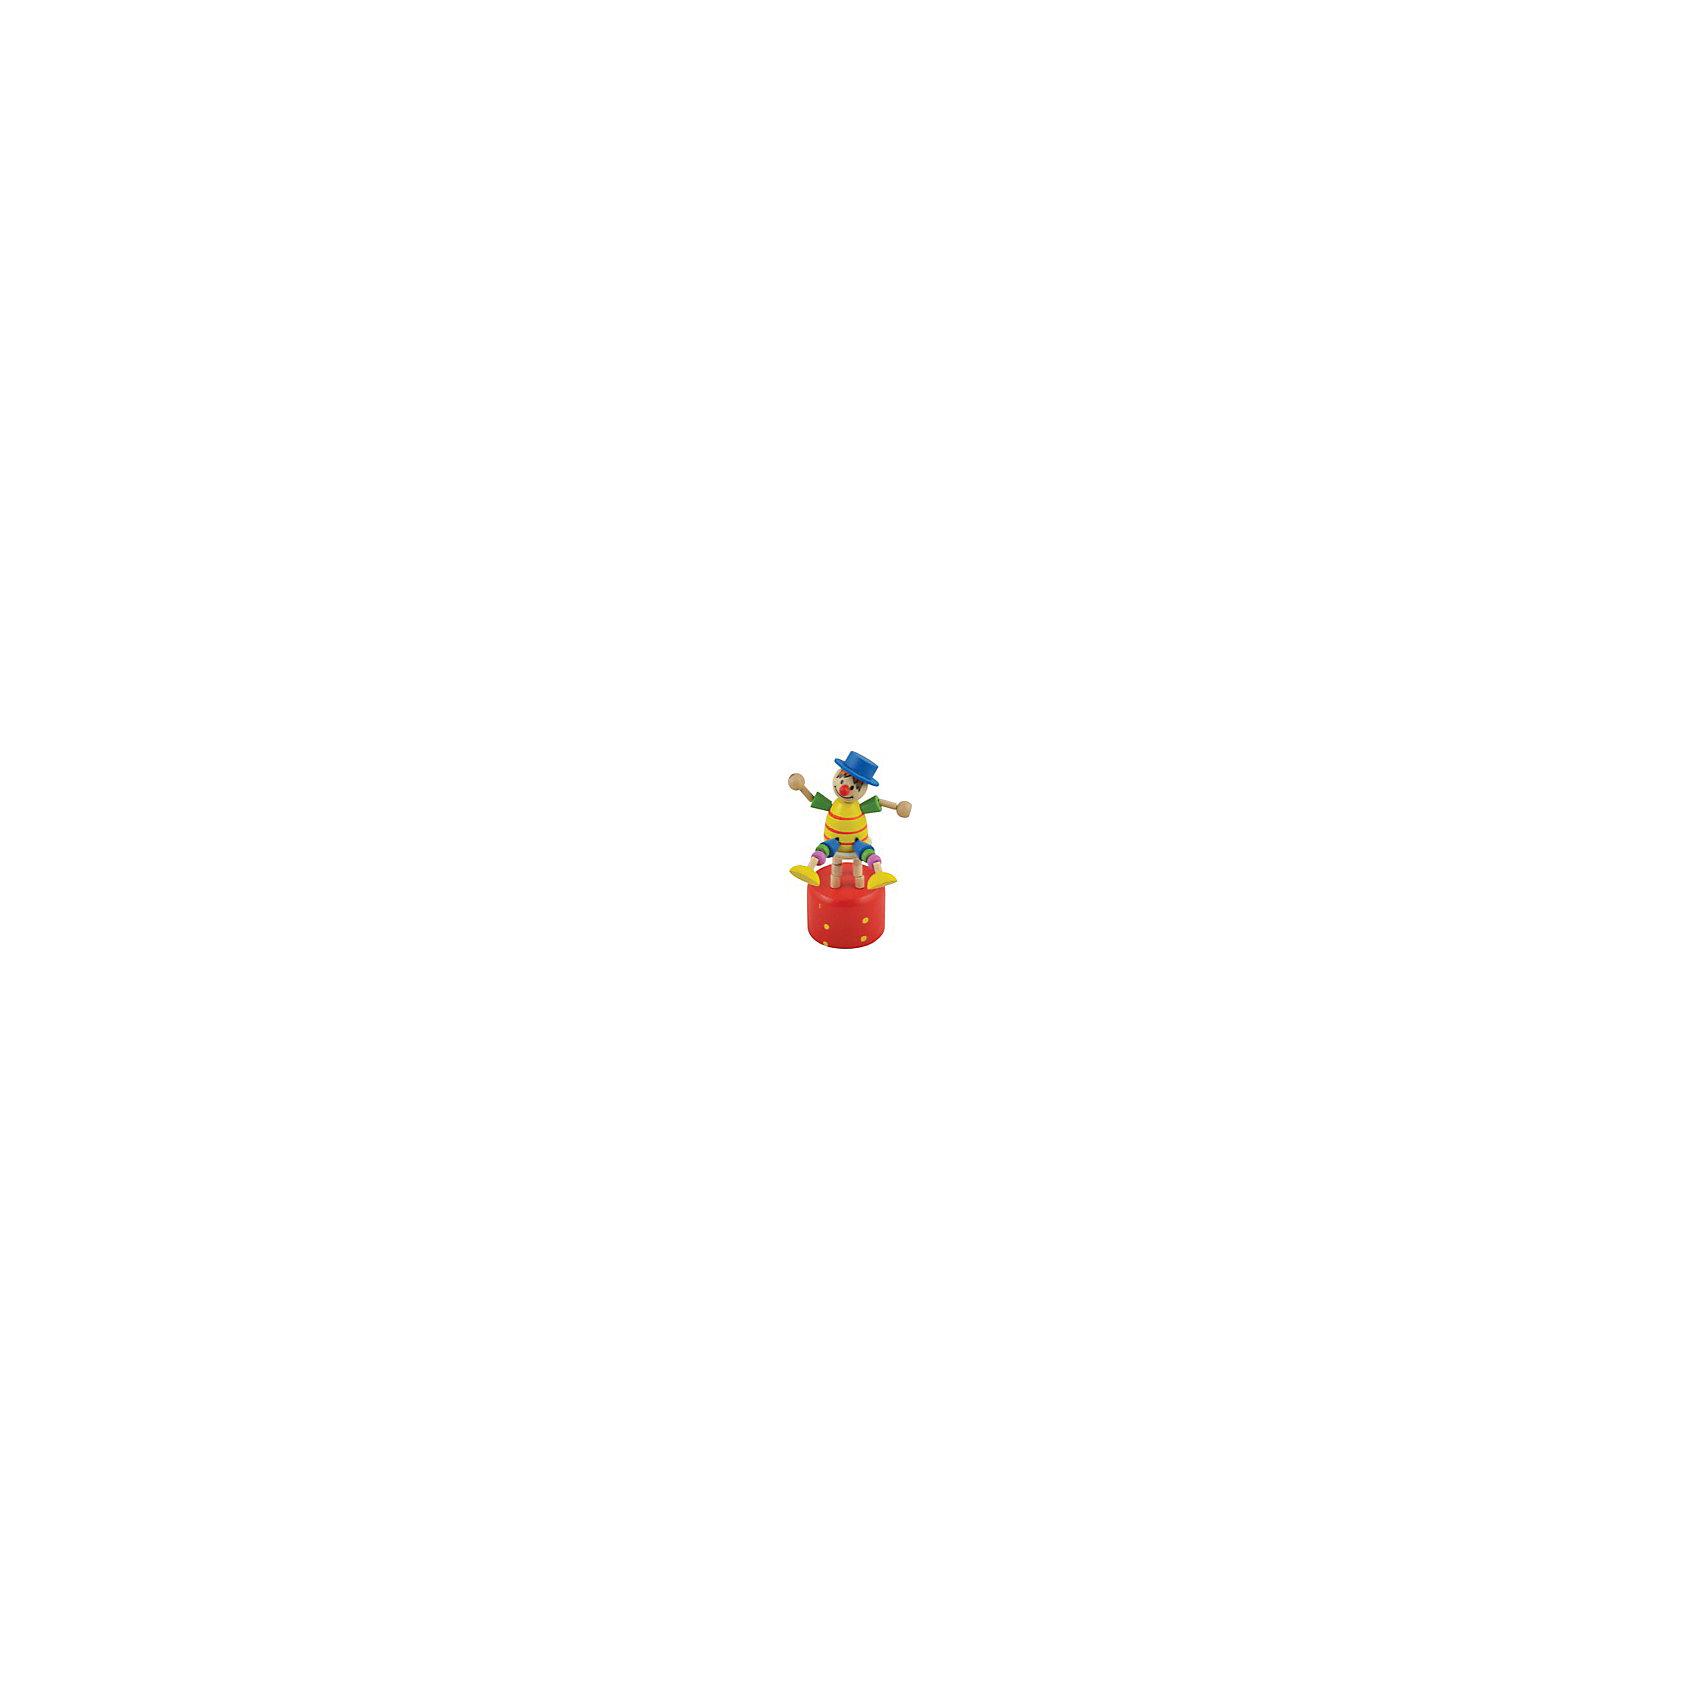 Дергунчик Клоун на стуле, Мир деревянных игрушекДеревянные игрушки<br>Эта оригинальная игрушка обязательно понравится малышам! Очаровательный и смешной клоун сидит на высоком стуле, он одет в яркую одежду, на голове - забавный синий котелок.  Клоун умеет весело дергать ручками и ножками, а если нажать на кнопку, расположенную под сиденьем, игрушка забавно поднимется. <br>Клоун изготовлен из натурального дерева, раскрашен стойкими нетоксичными красителями абсолютно безвредными даже для маленьких детей. <br><br>Дополнительная информация:<br><br>- Возраст: от 1 года.<br>- Материал: дерево.<br>- Размер: 15х5 см. <br><br>Игрушку - дергунчик Клоун на стуле (мин. 12 шт. в упаковке) можно купить в нашем магазине.<br><br>Ширина мм: 110<br>Глубина мм: 50<br>Высота мм: 110<br>Вес г: 50<br>Возраст от месяцев: 36<br>Возраст до месяцев: 2147483647<br>Пол: Унисекс<br>Возраст: Детский<br>SKU: 4895906